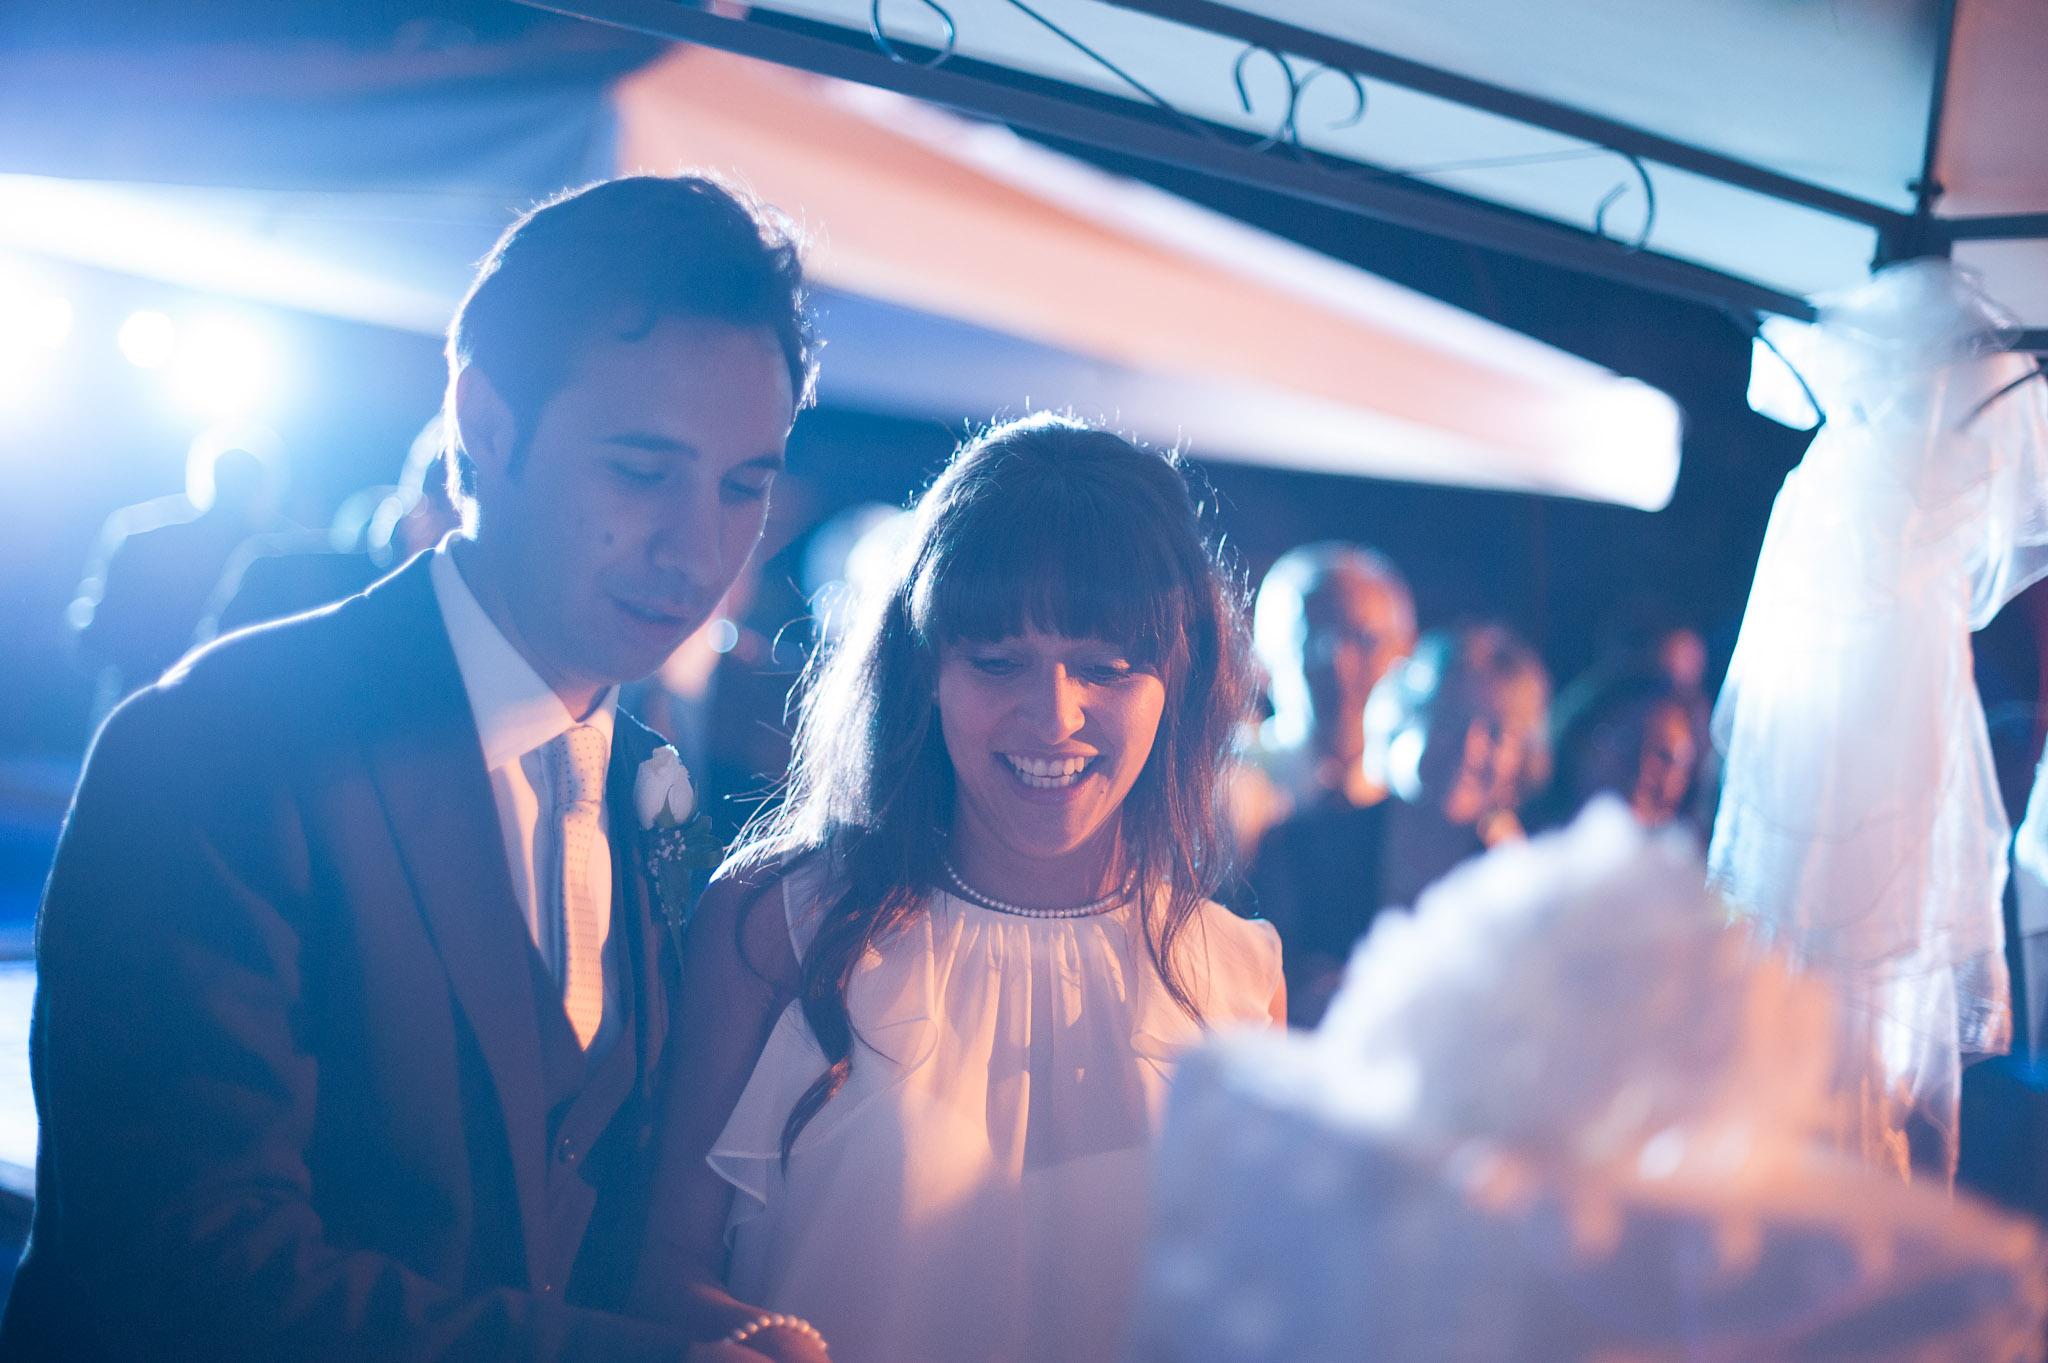 boda en italia_pablosalgado__PSB6775.jpg